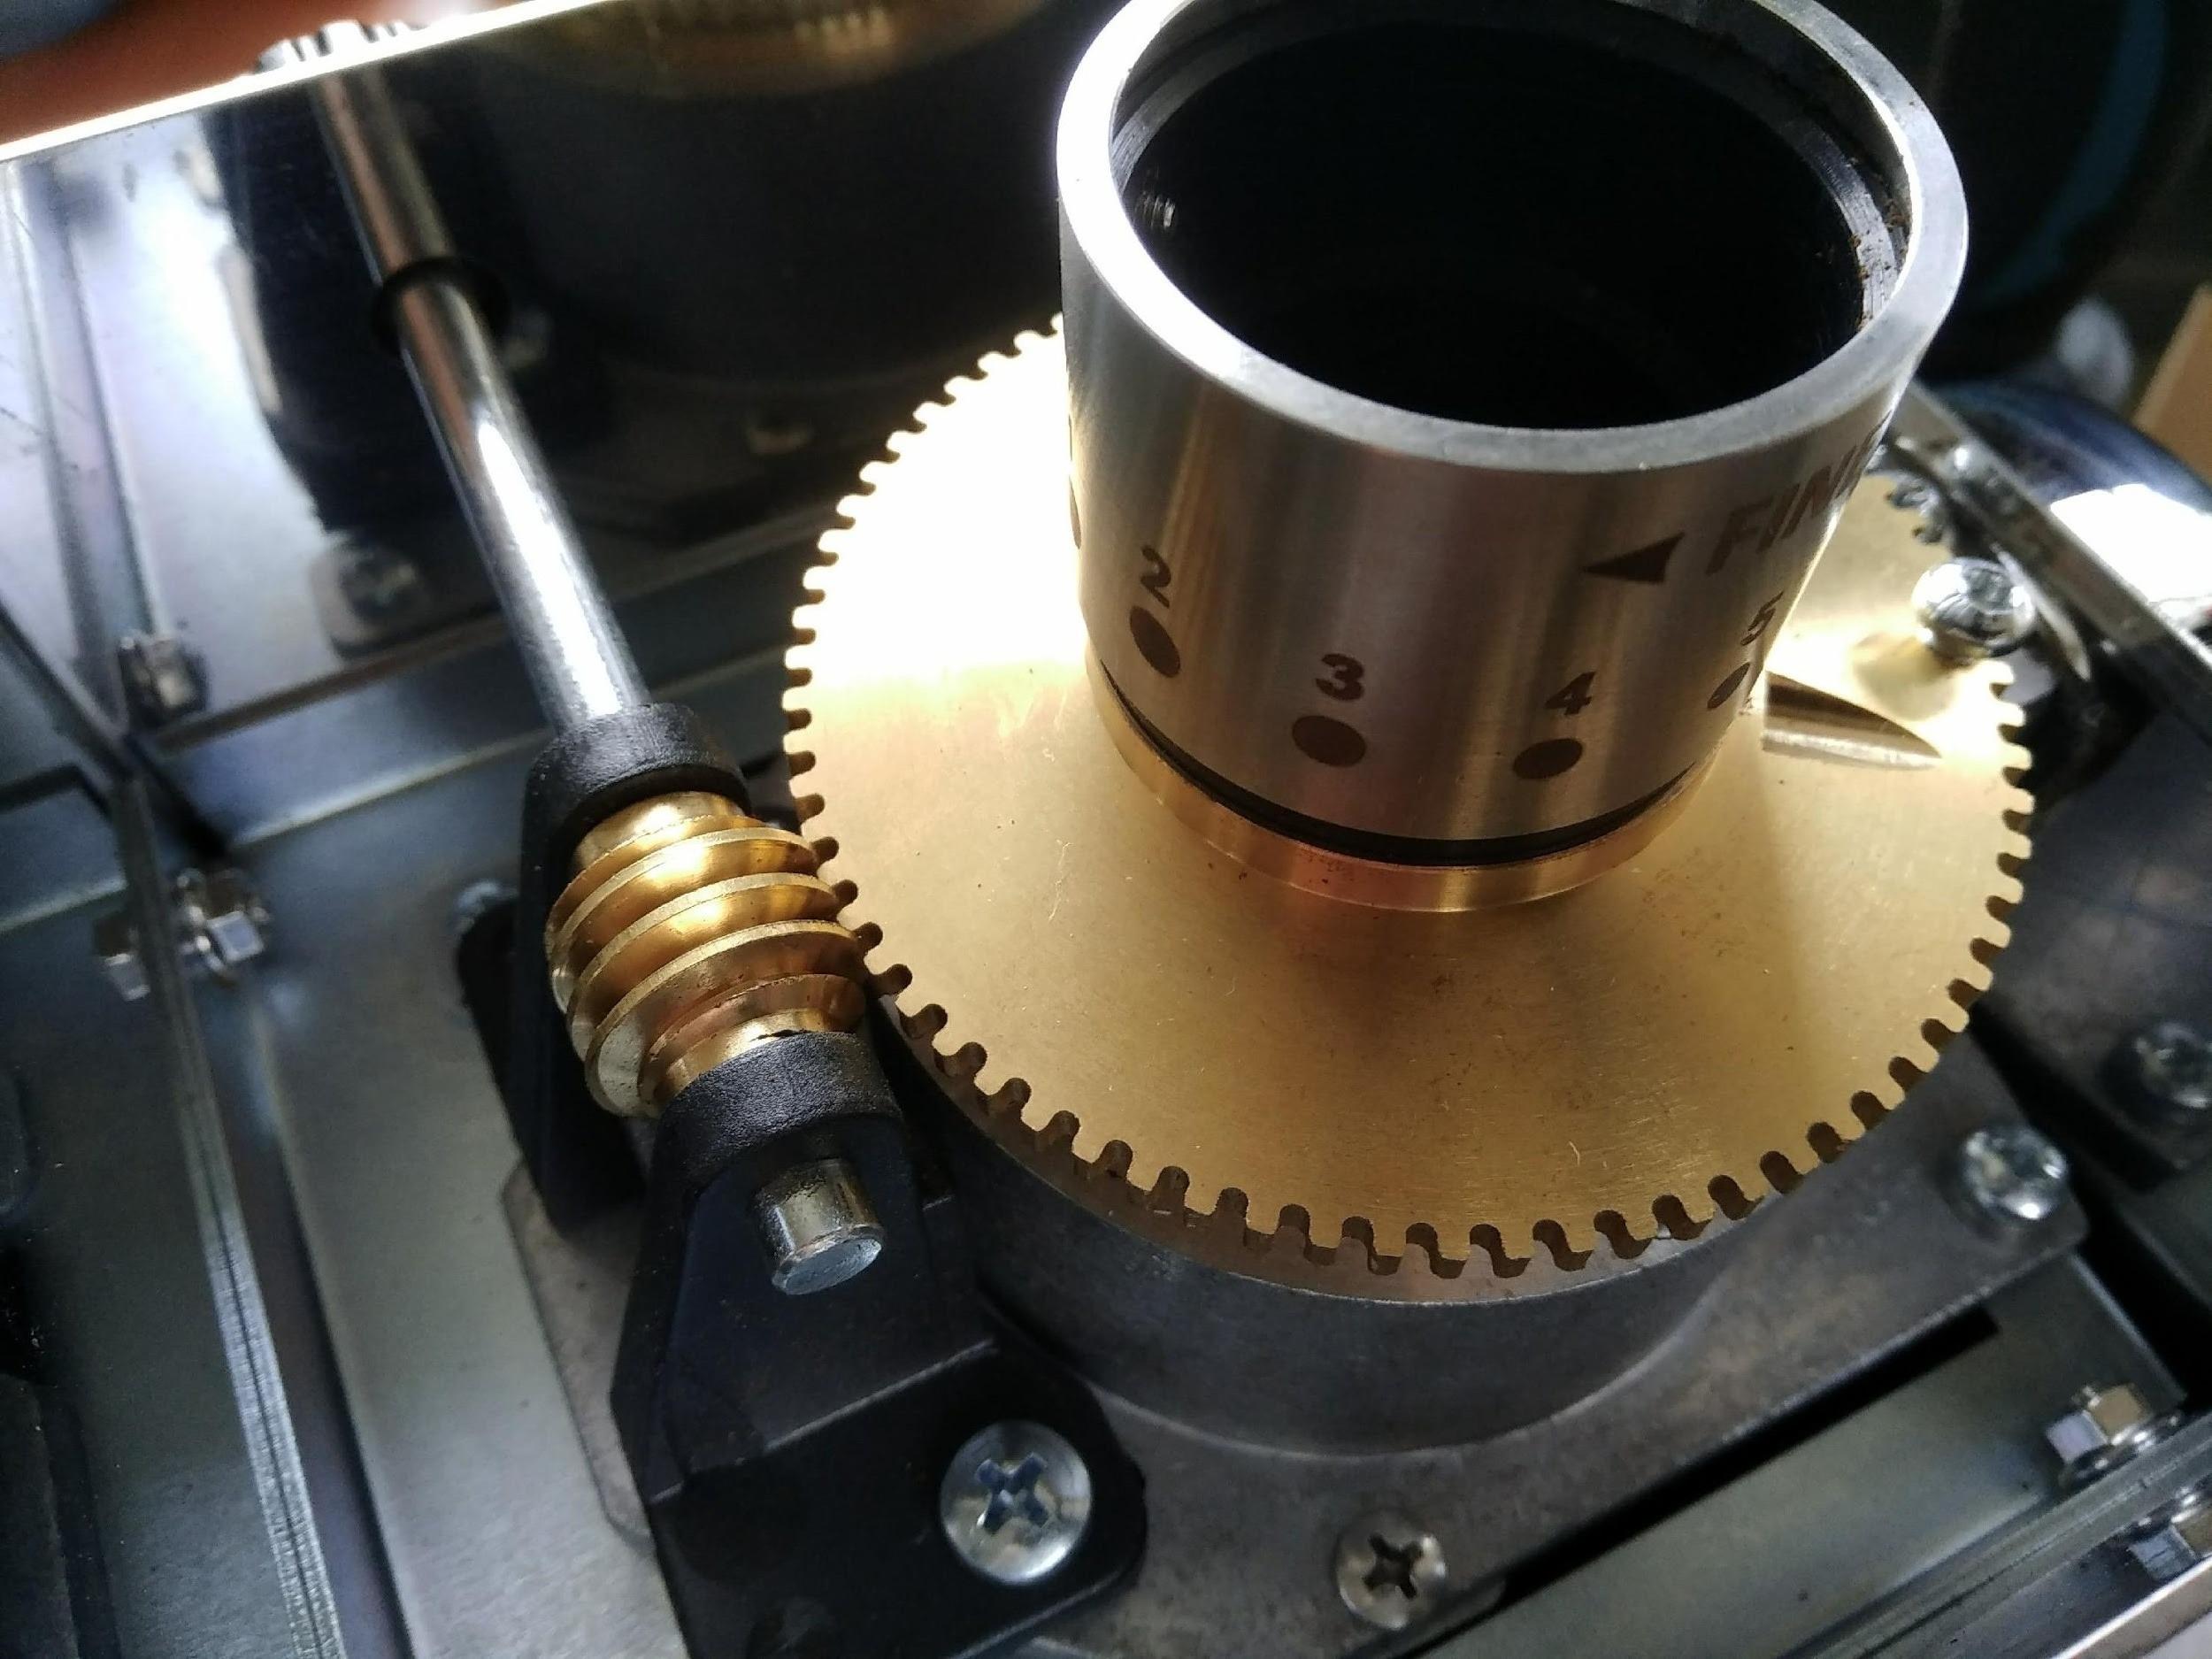 ascaso steel uno - nastavení mlýnku